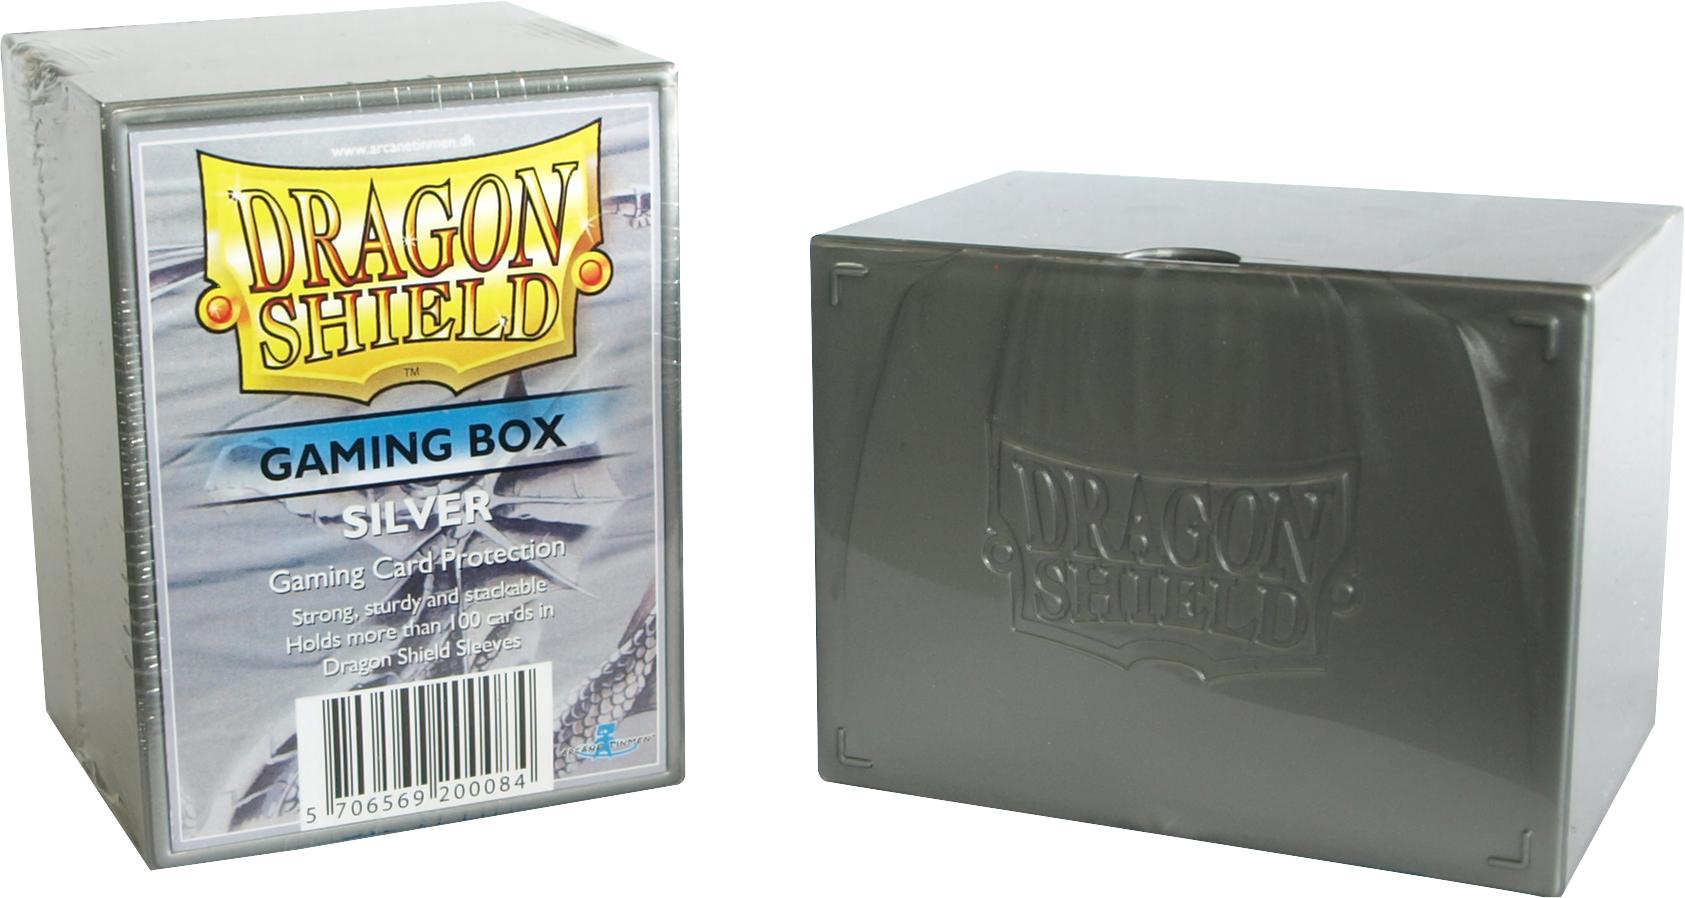 GAMING BOX - SILVER (CONTIENE PIU' DI 100 CARTE CON LE BUSTE)